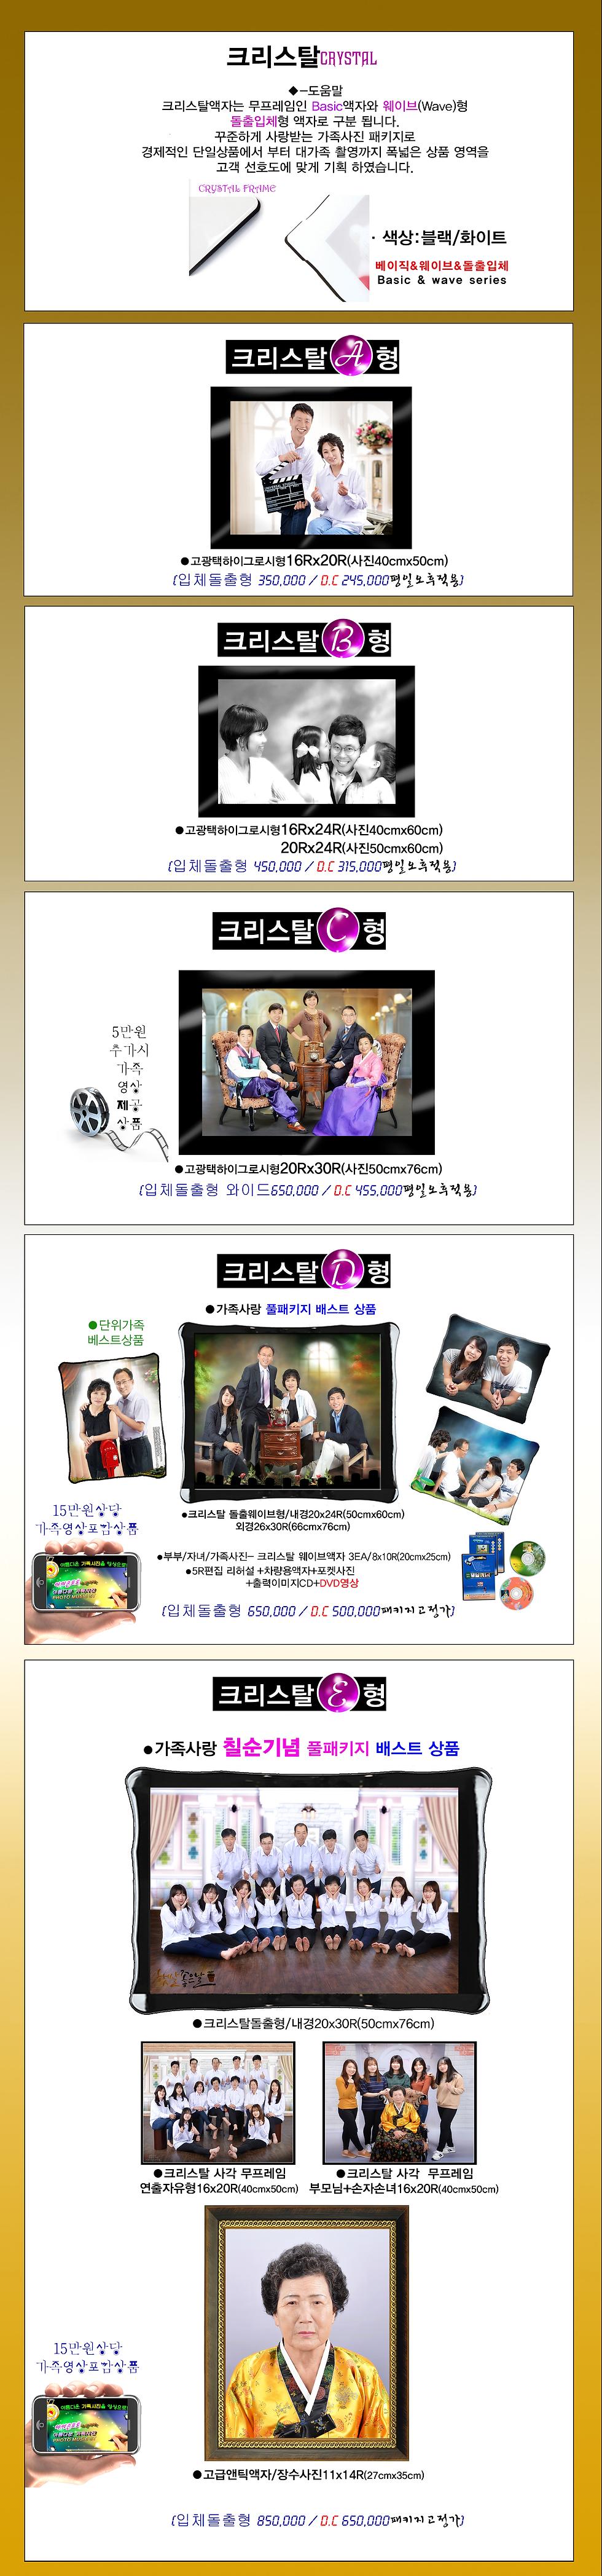 2가족-2018-9월 크리스탈액자.png